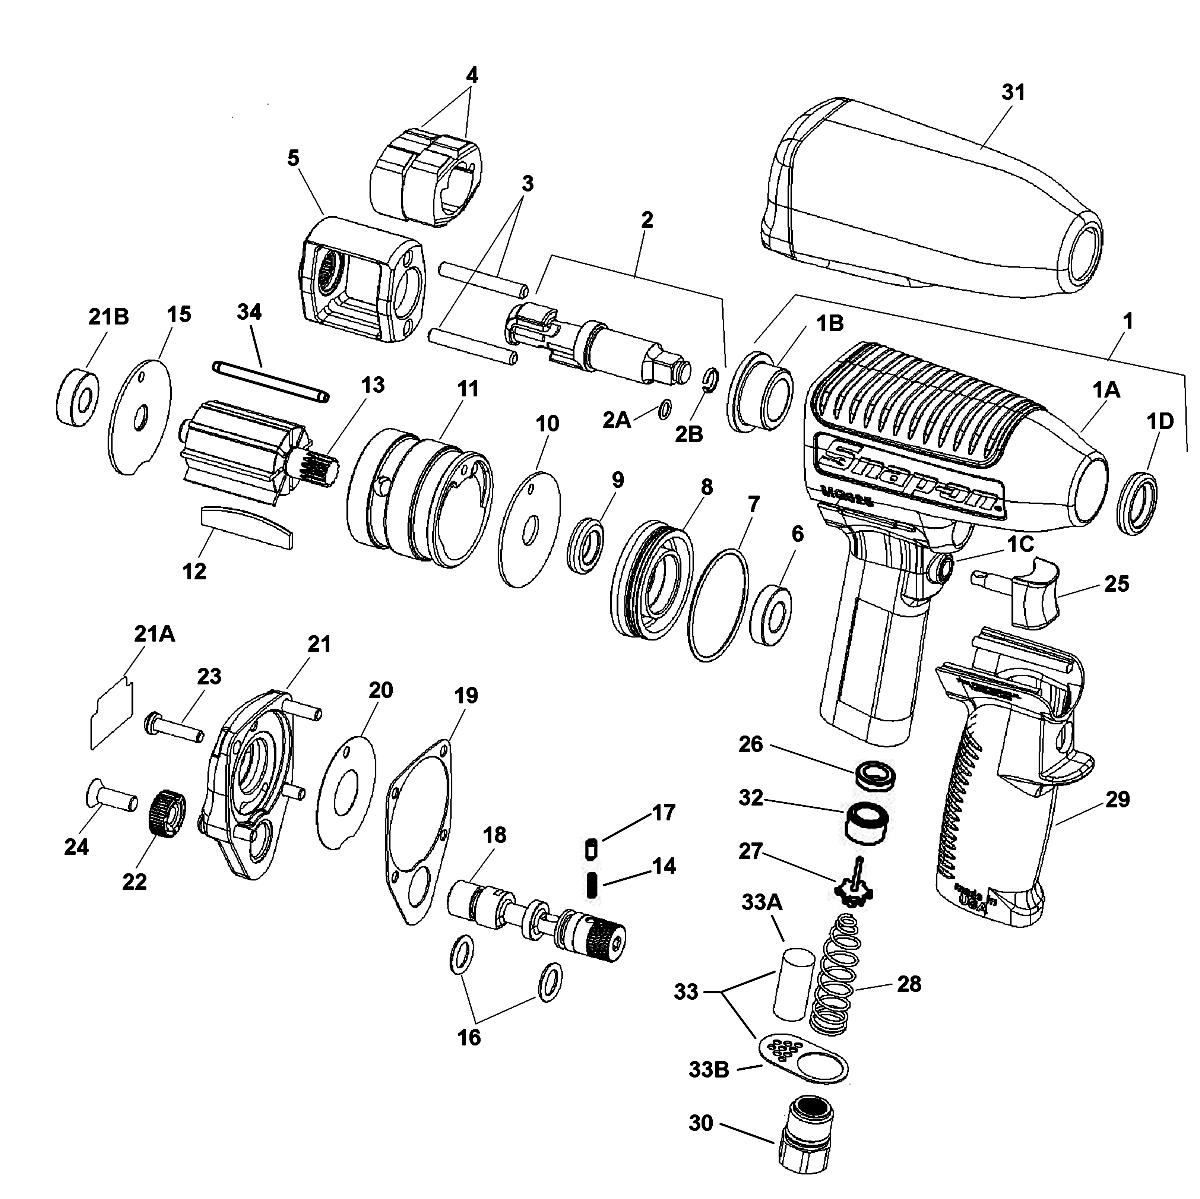 Ingersoll Rand Wiring Schematics